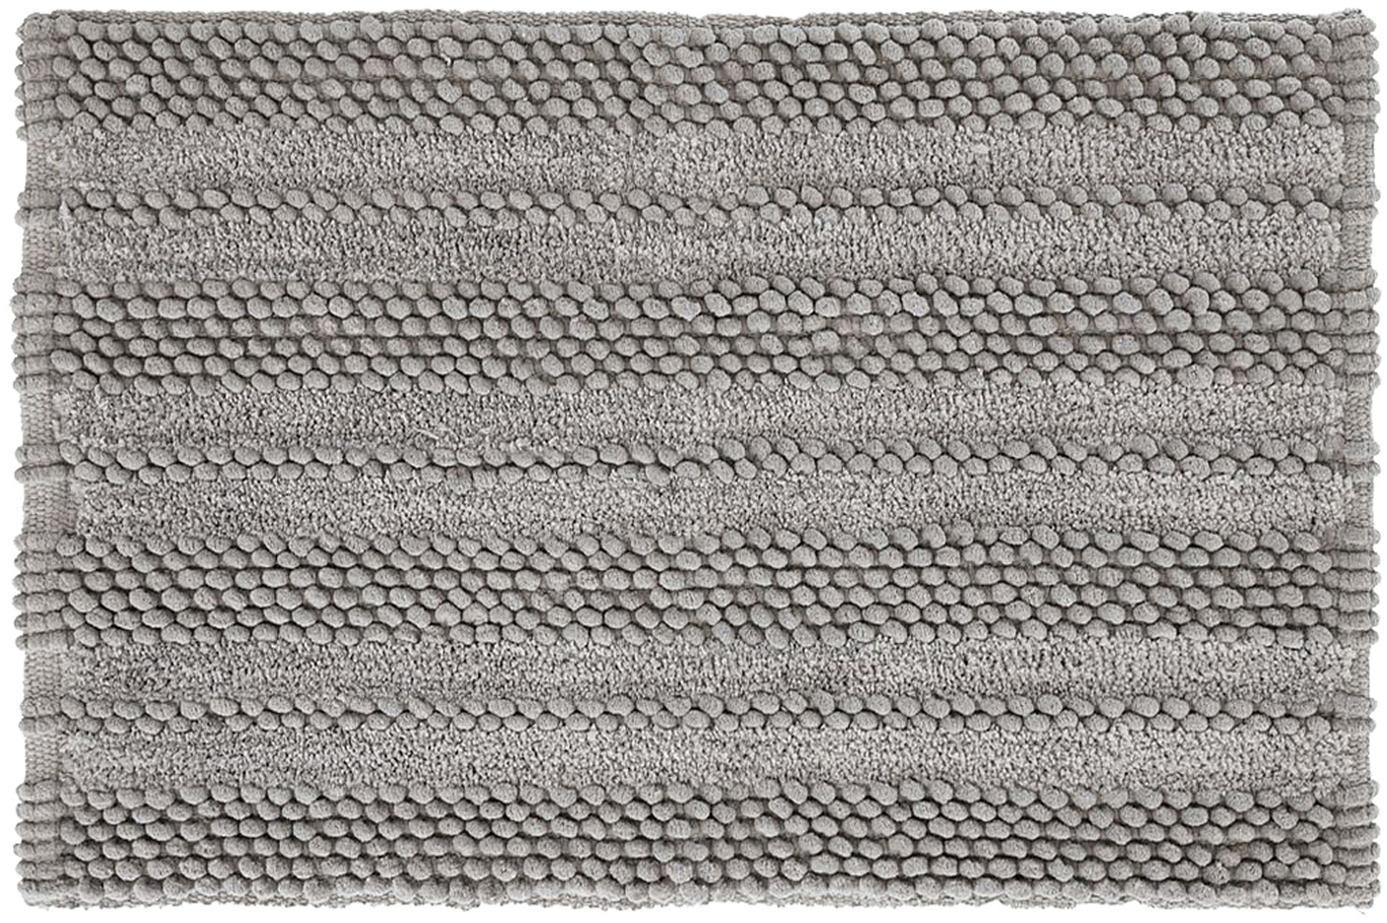 Tappeto bagno con struttura a rilievo Nea, 65% ciniglia, 35% cotone, Grigio, Larg. 80 x Lung. 120 cm